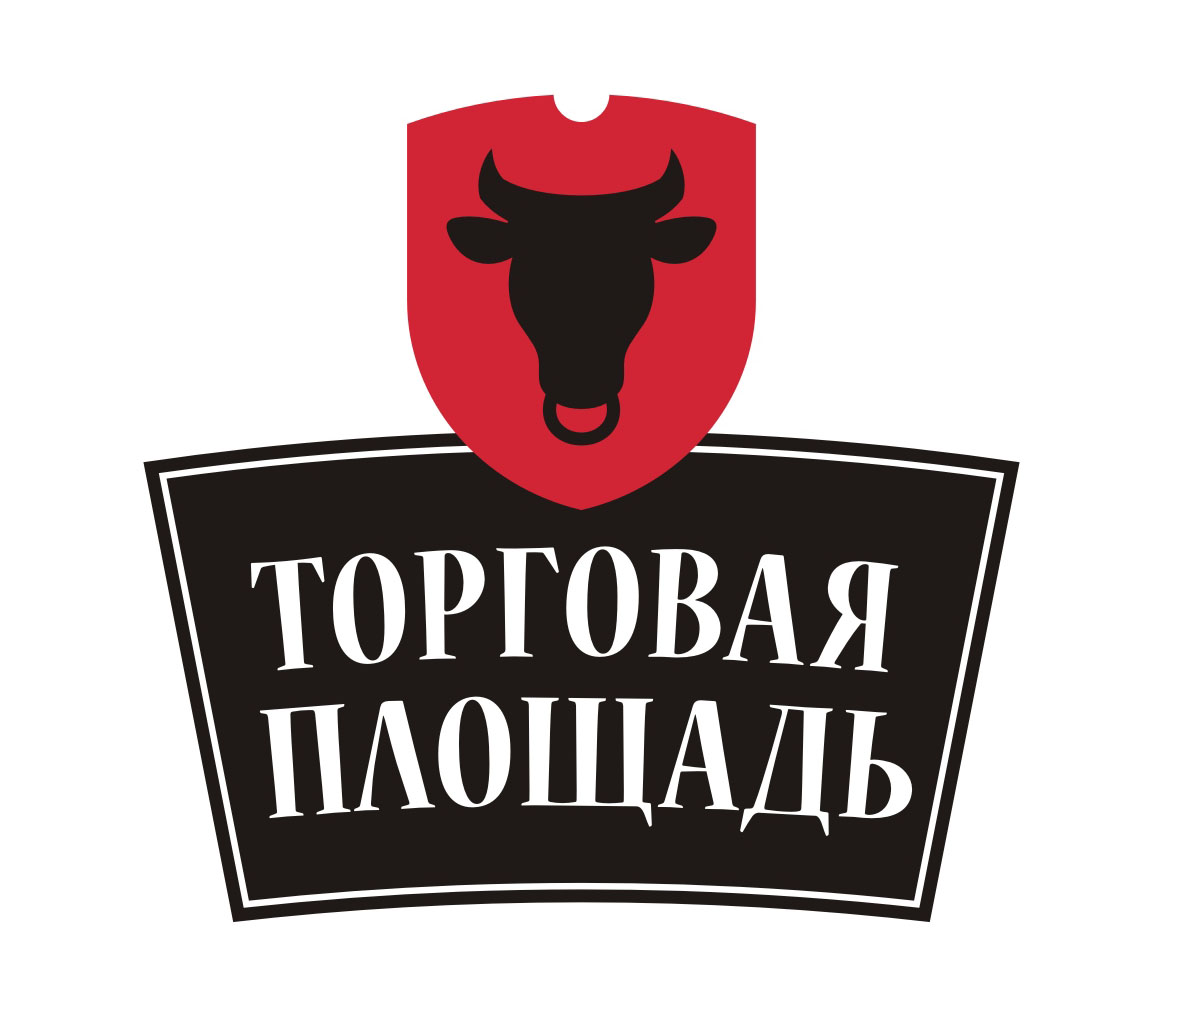 Торговая площадь, ООО